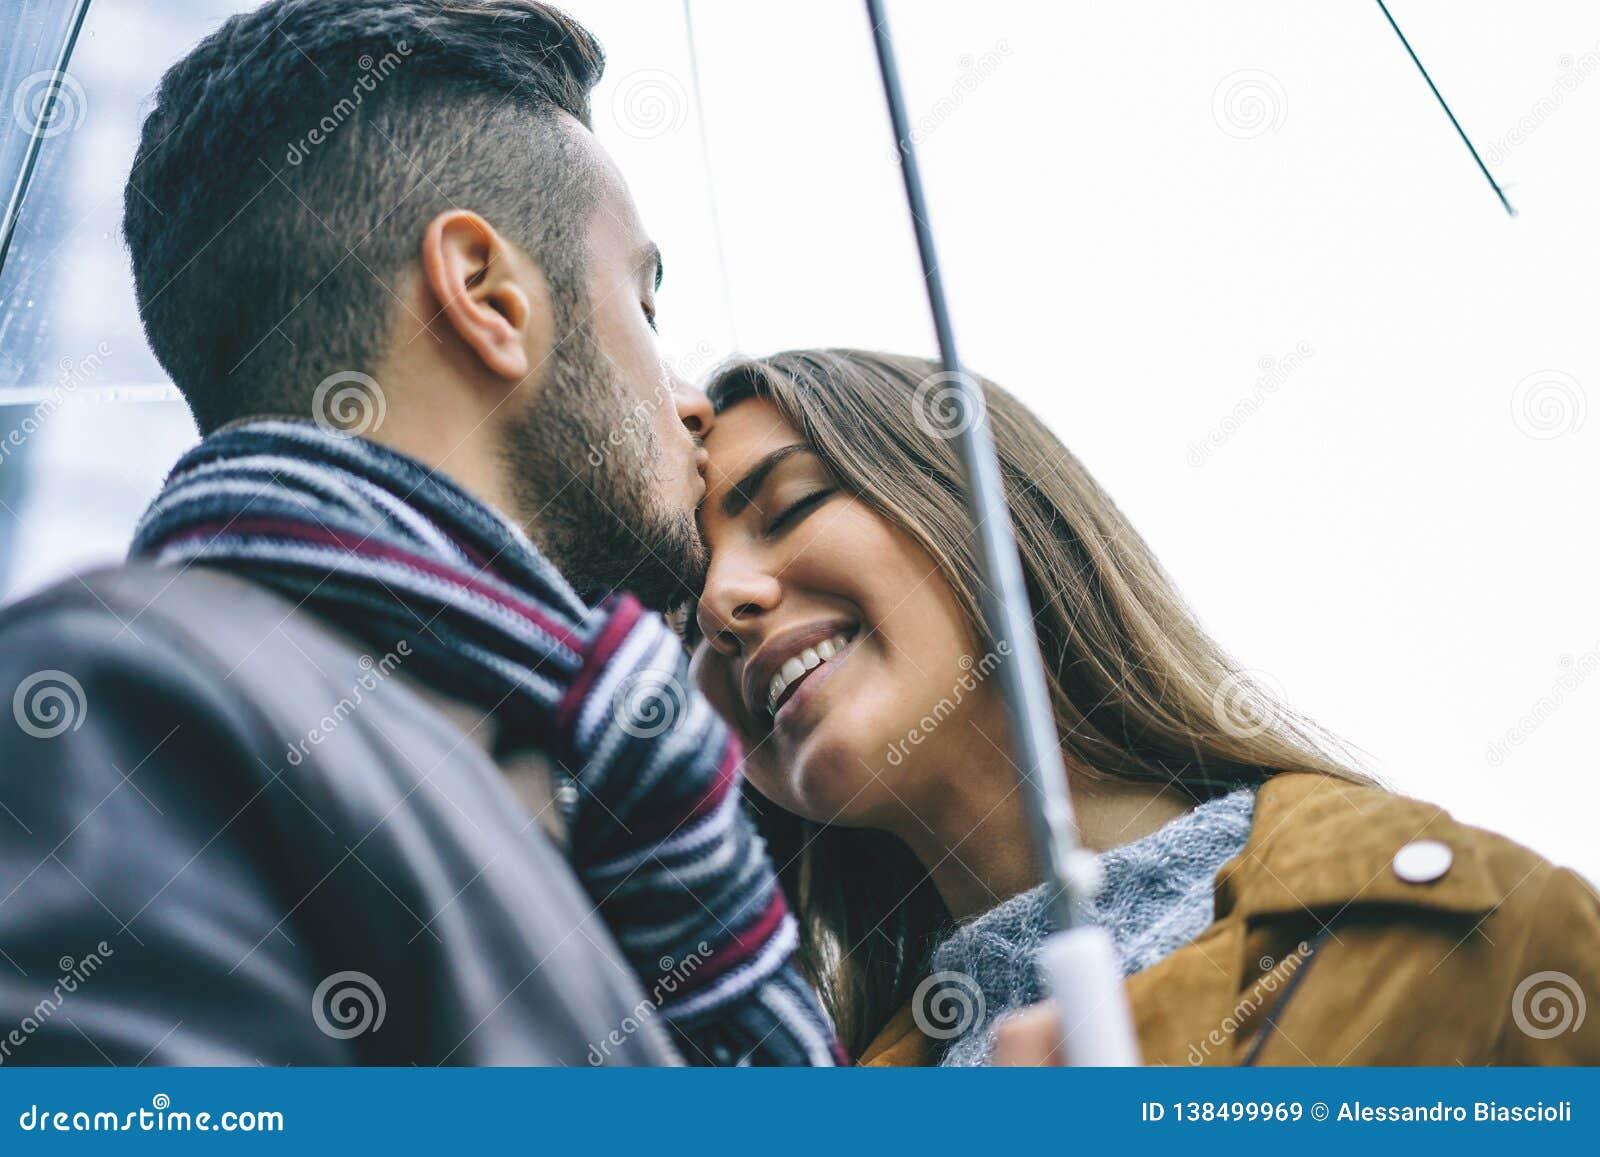 亲吻在一把伞在一下雨天-帅哥下的愉快的夫妇亲吻他的前额女朋友在雨下-爱,人们,